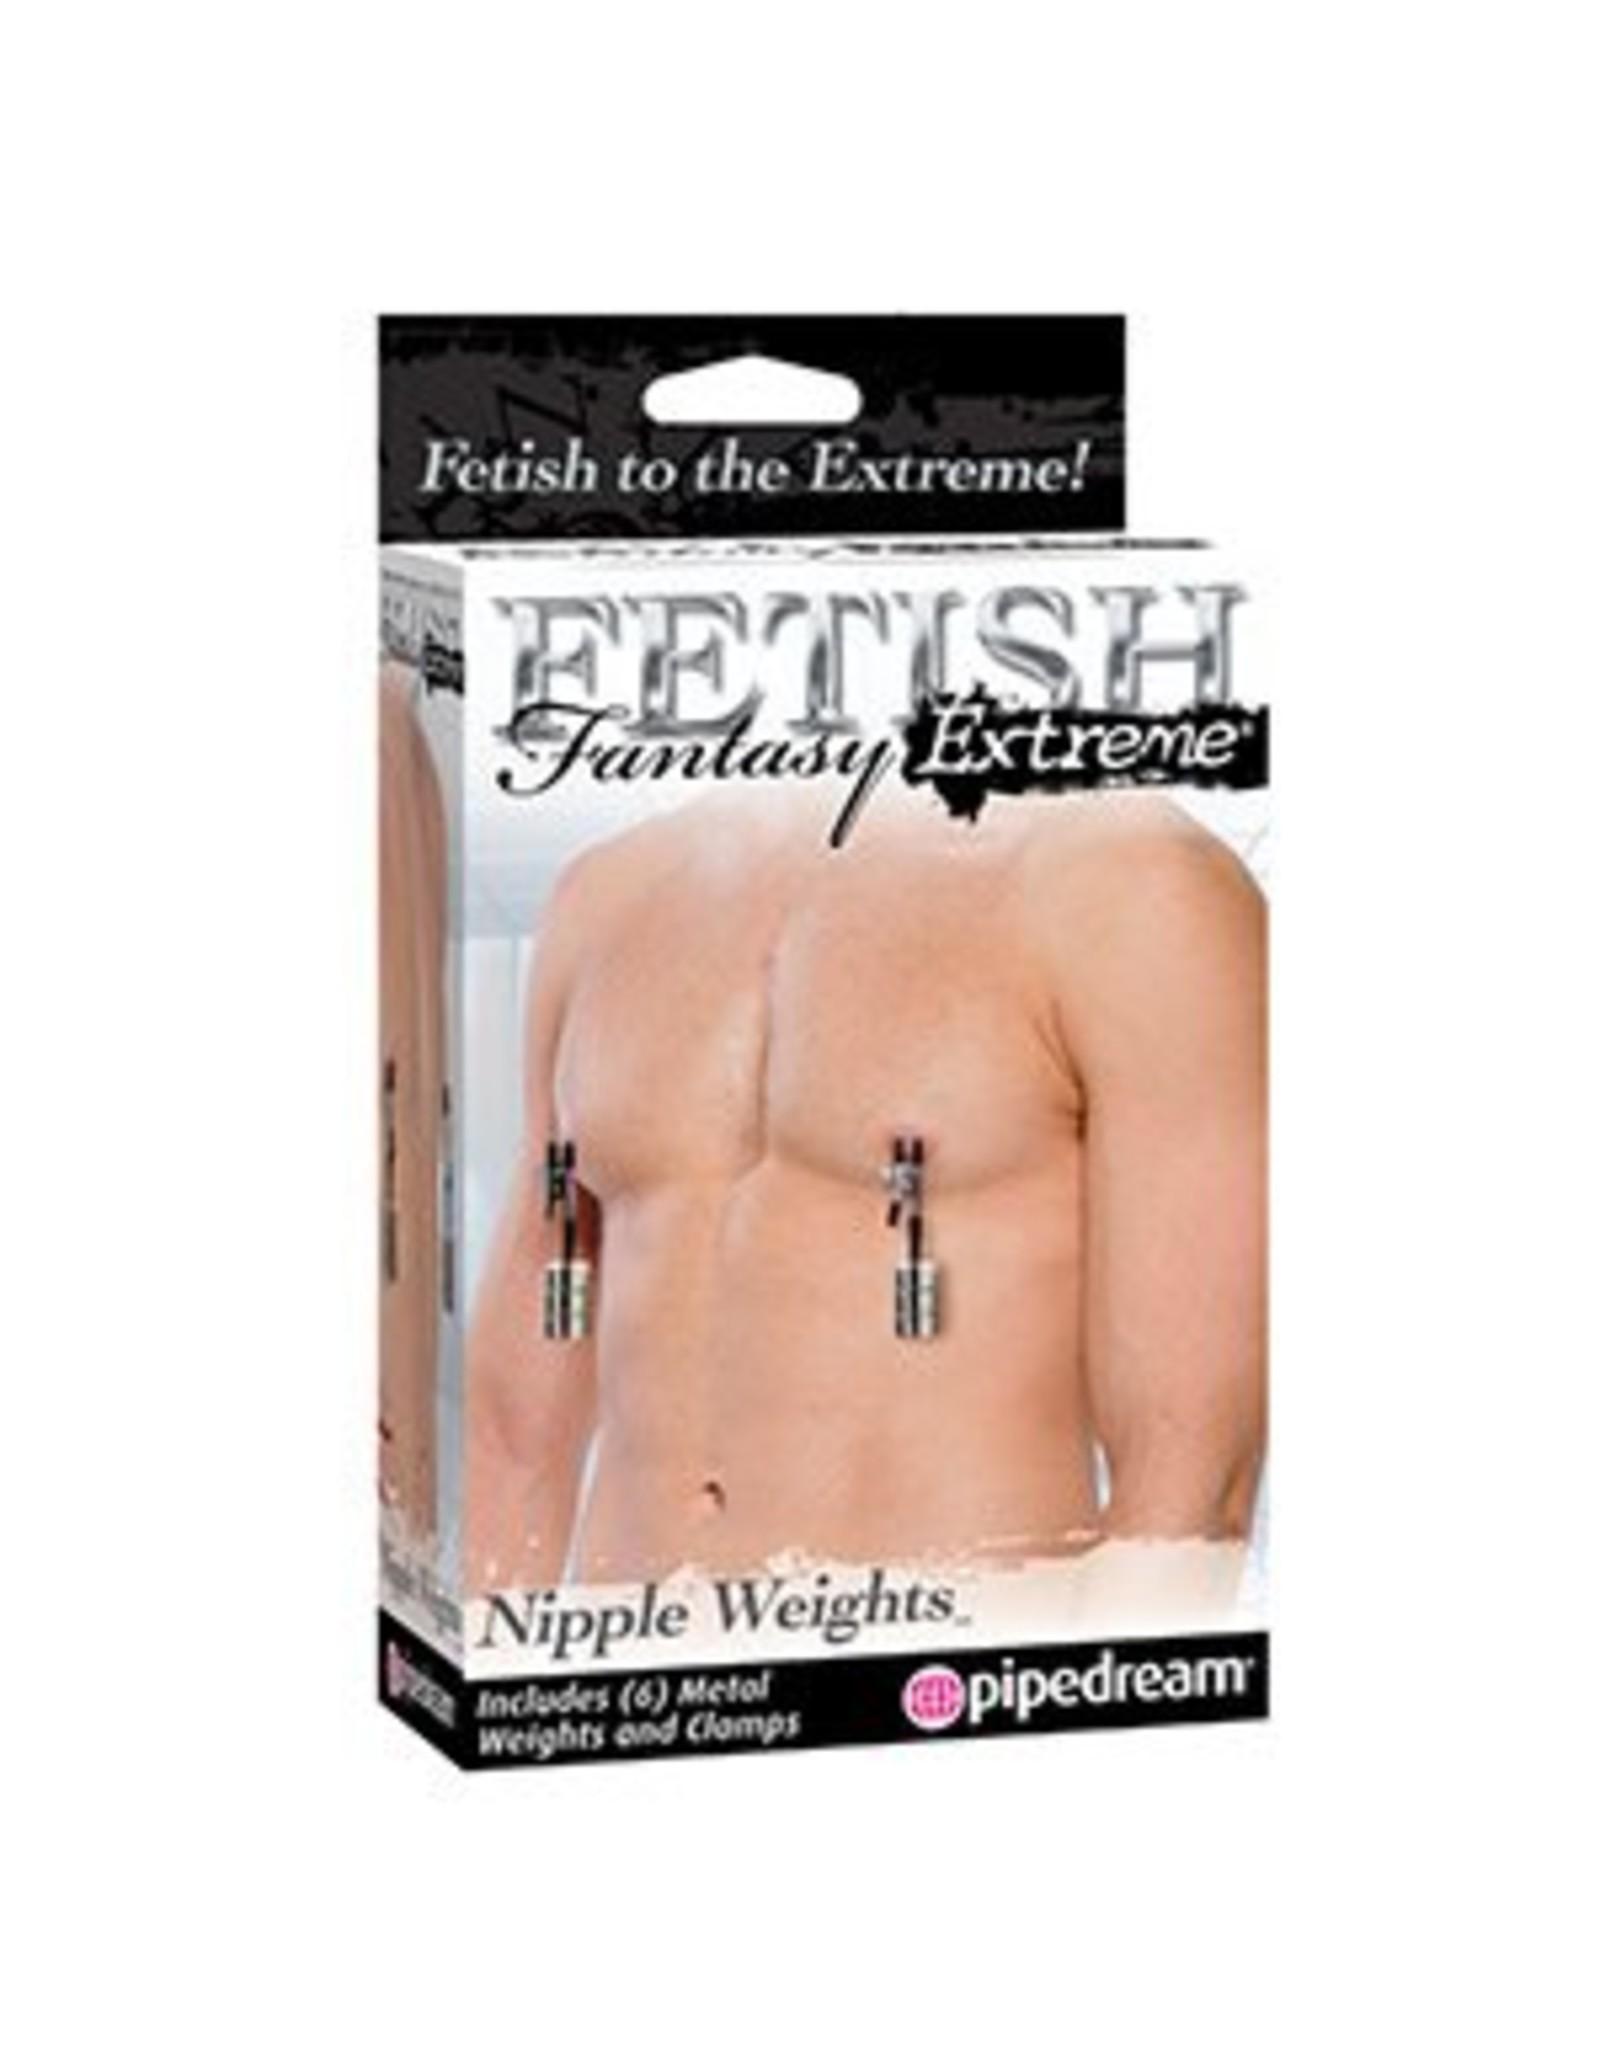 Fetish Fantasy Extreme Nipple Poids